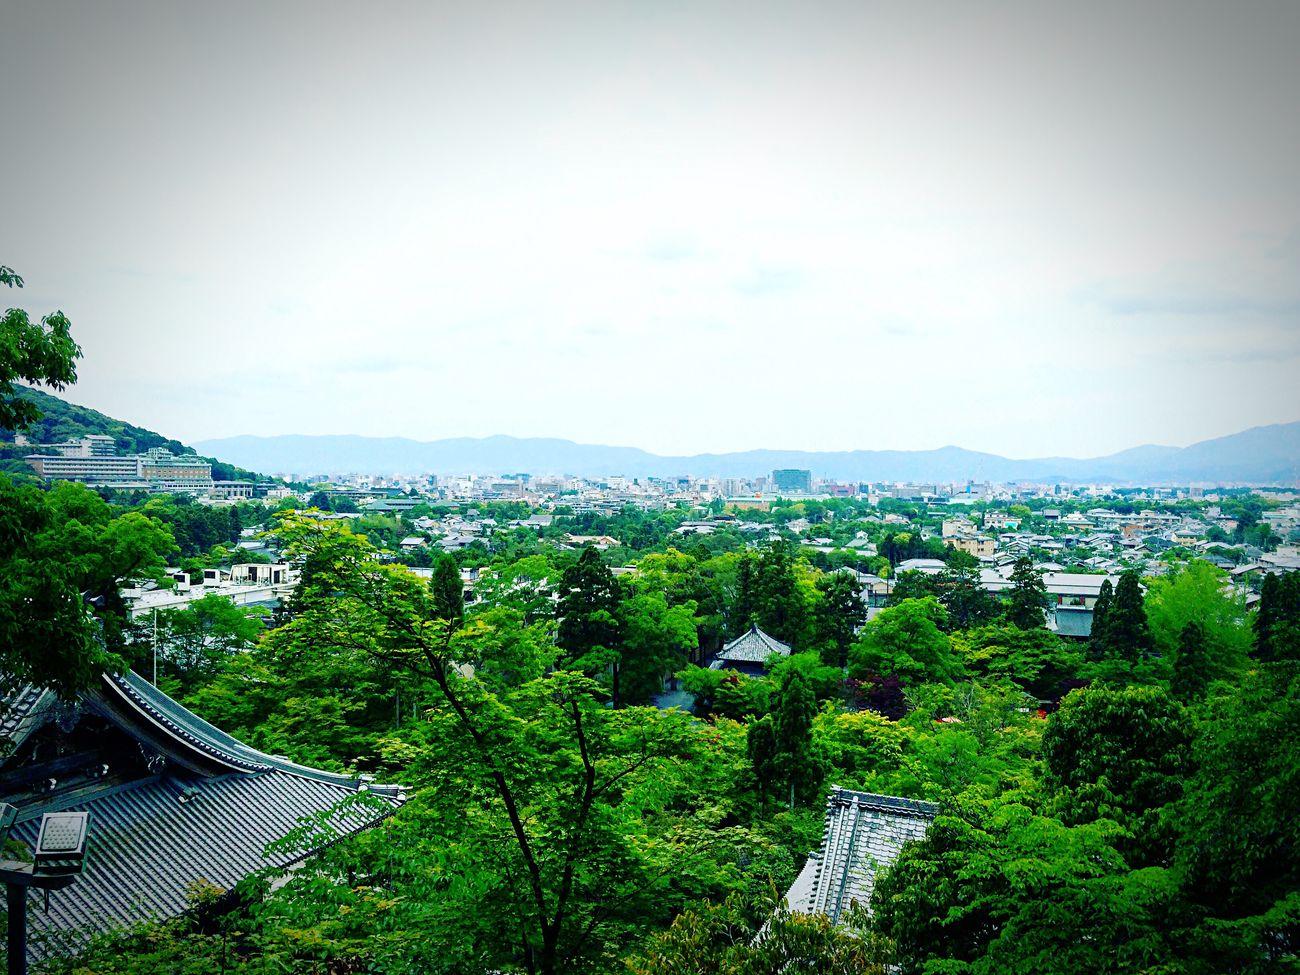 永観堂 禅林寺 多宝塔 京都 市内一望 Kyotojapan Enjoying Life